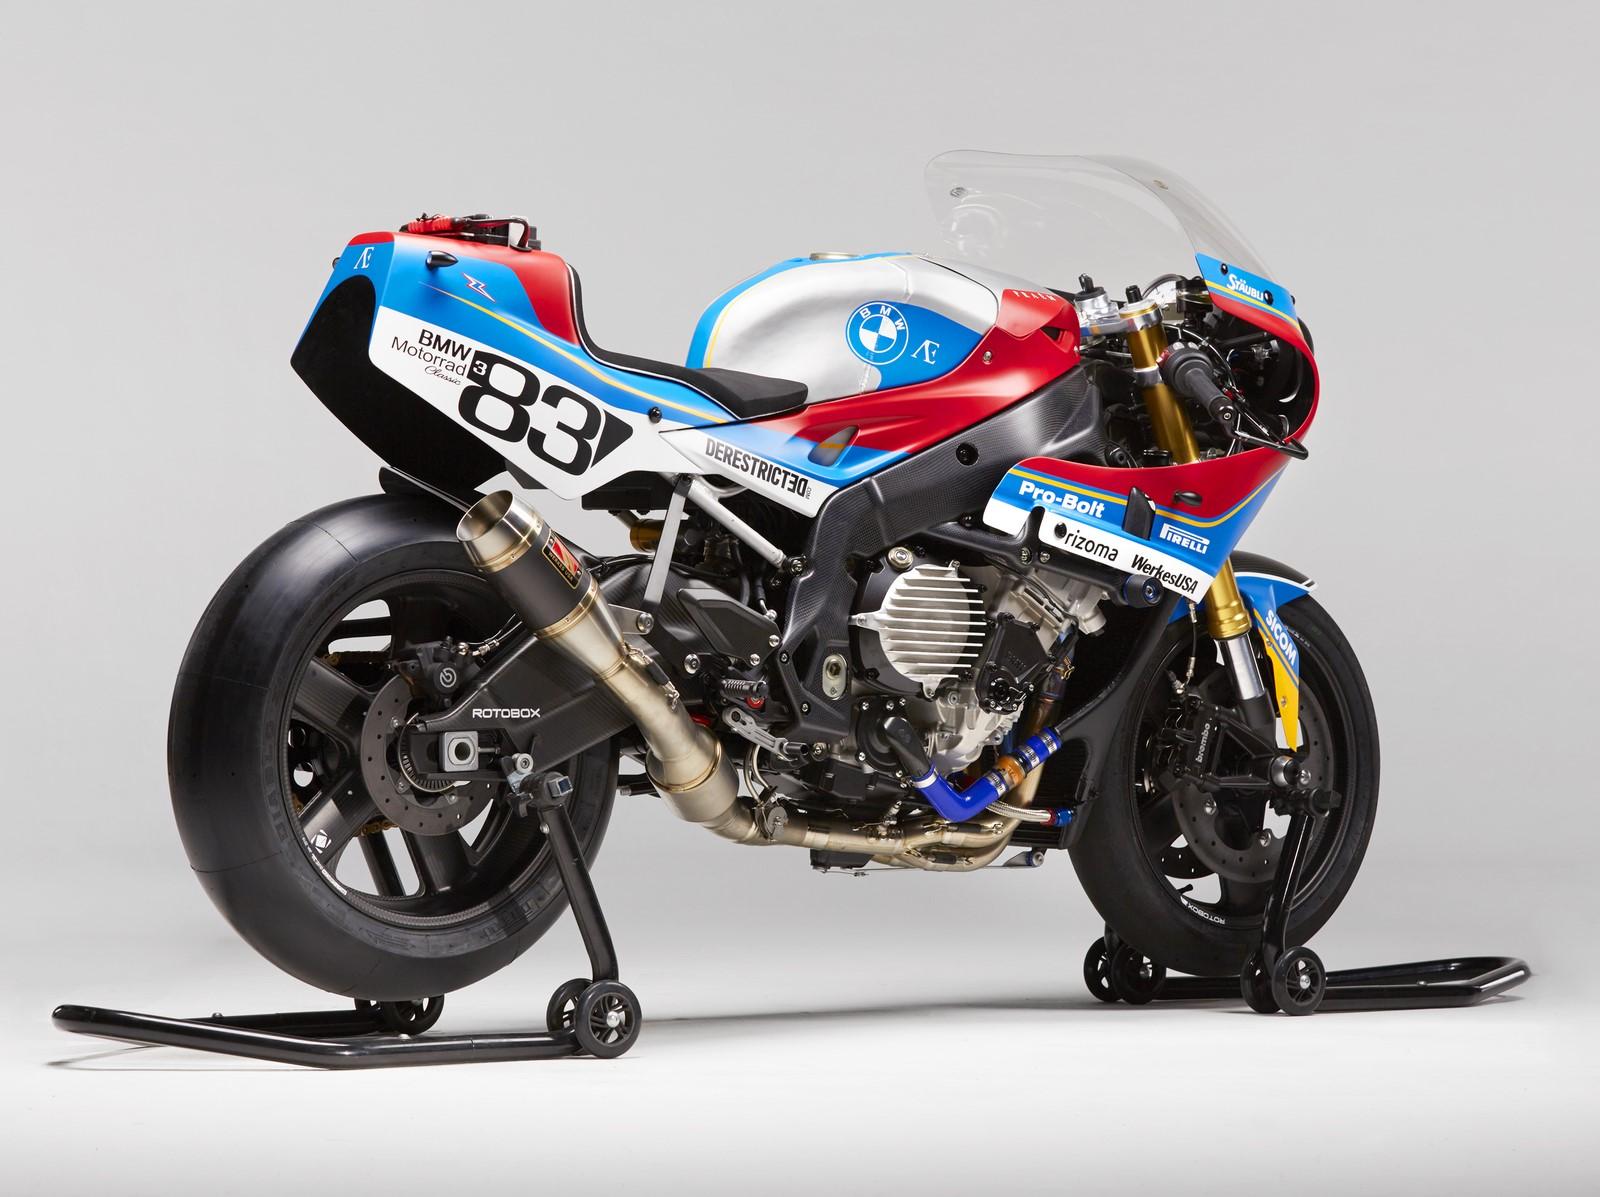 Bmw S 1000 Rr Custom Project Rocketgarage Cafe Racer Magazine